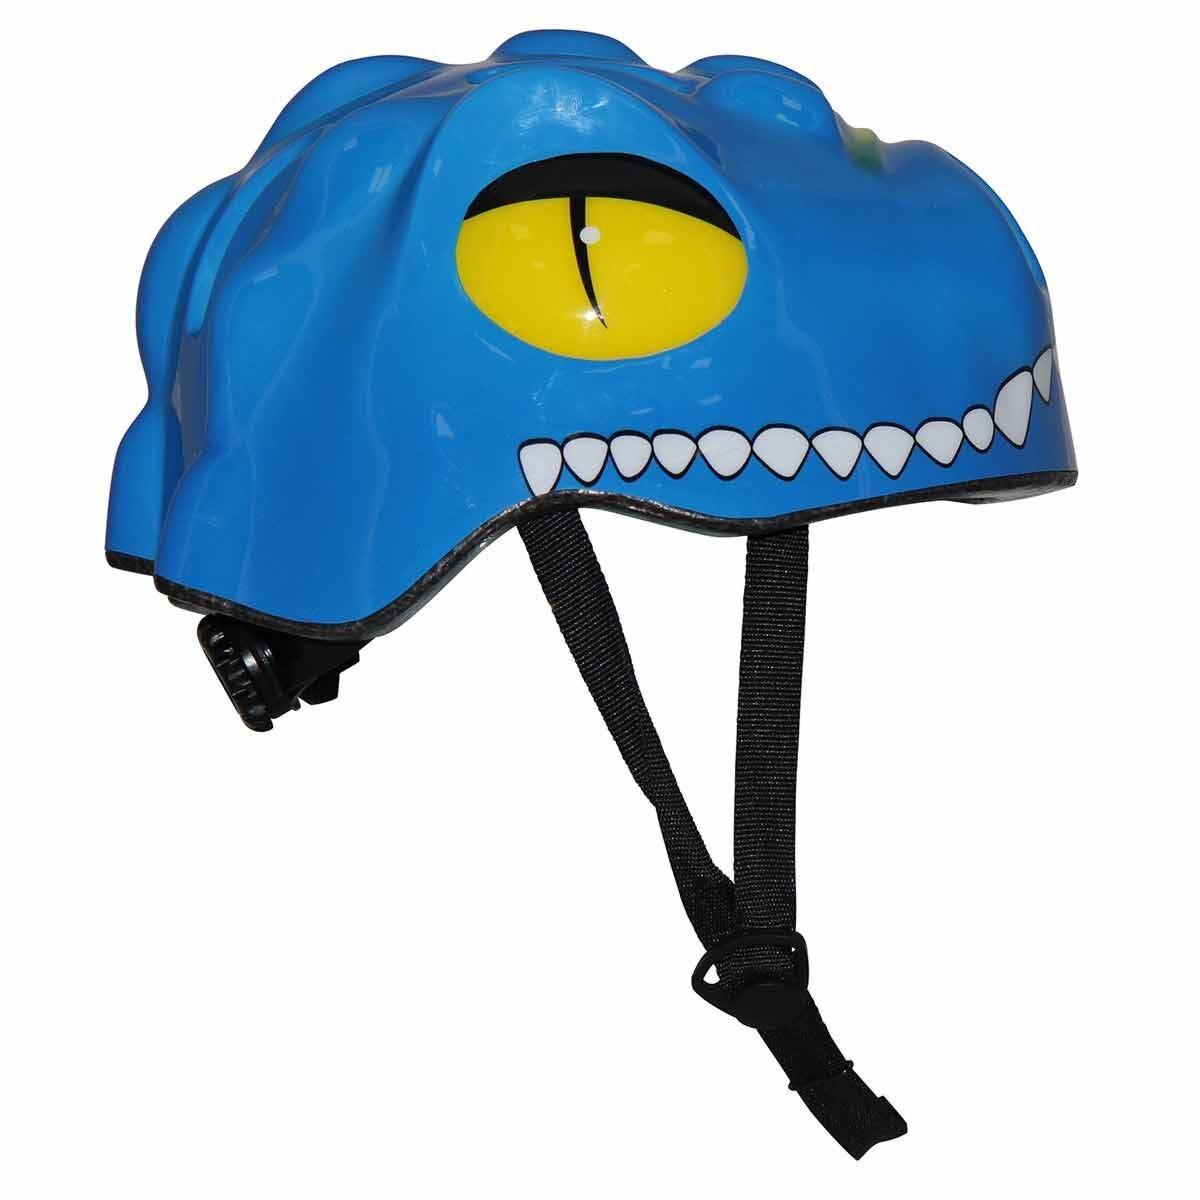 One23 Childs Dinosaur Helmet 48-54cm